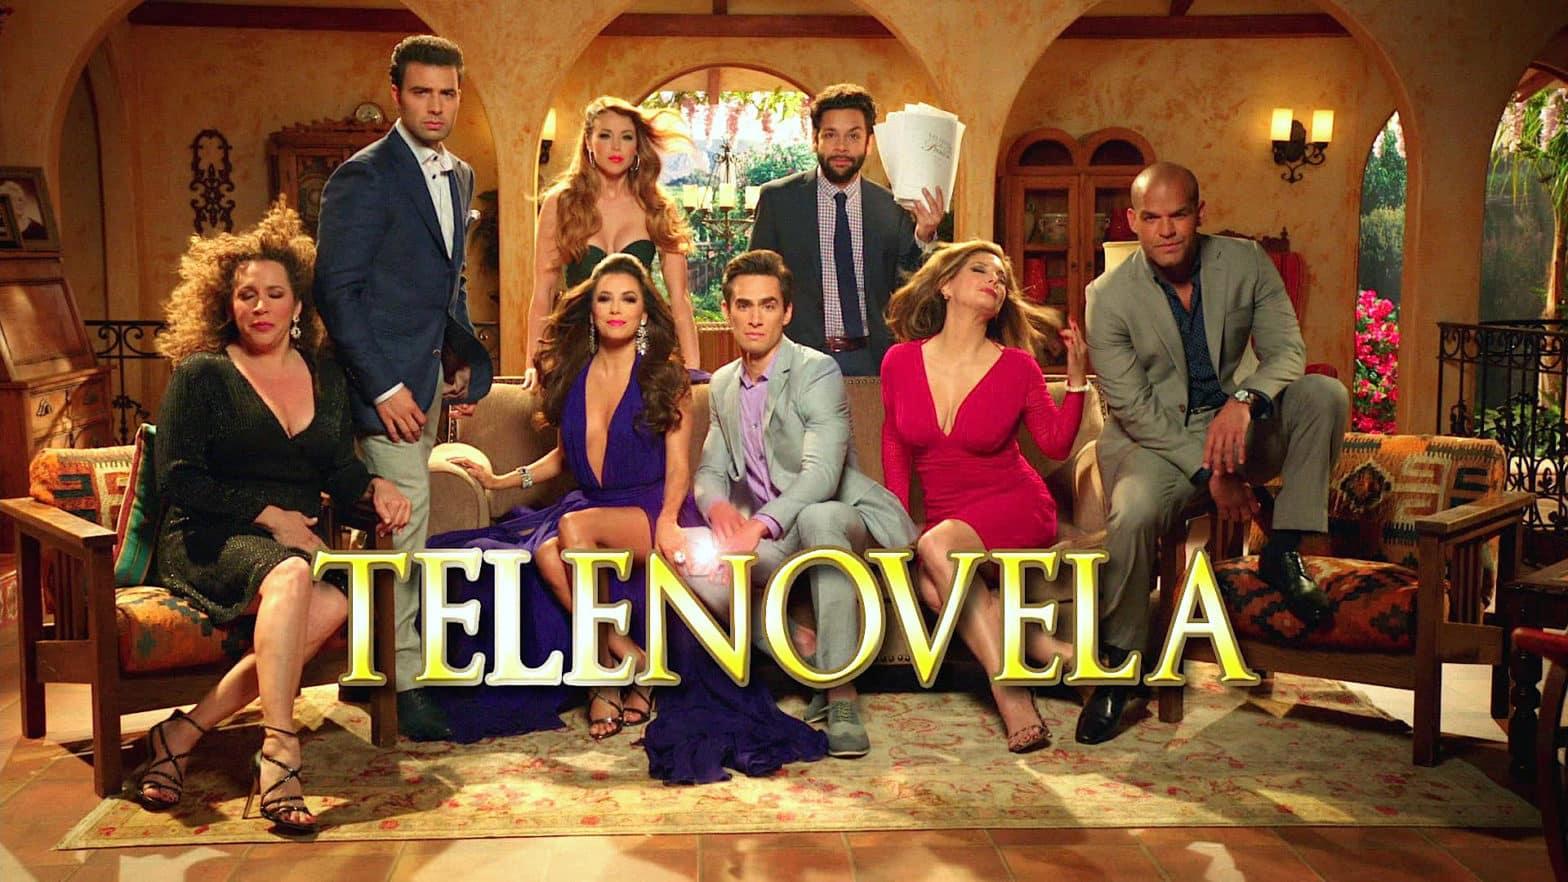 Telenovela du Mexique